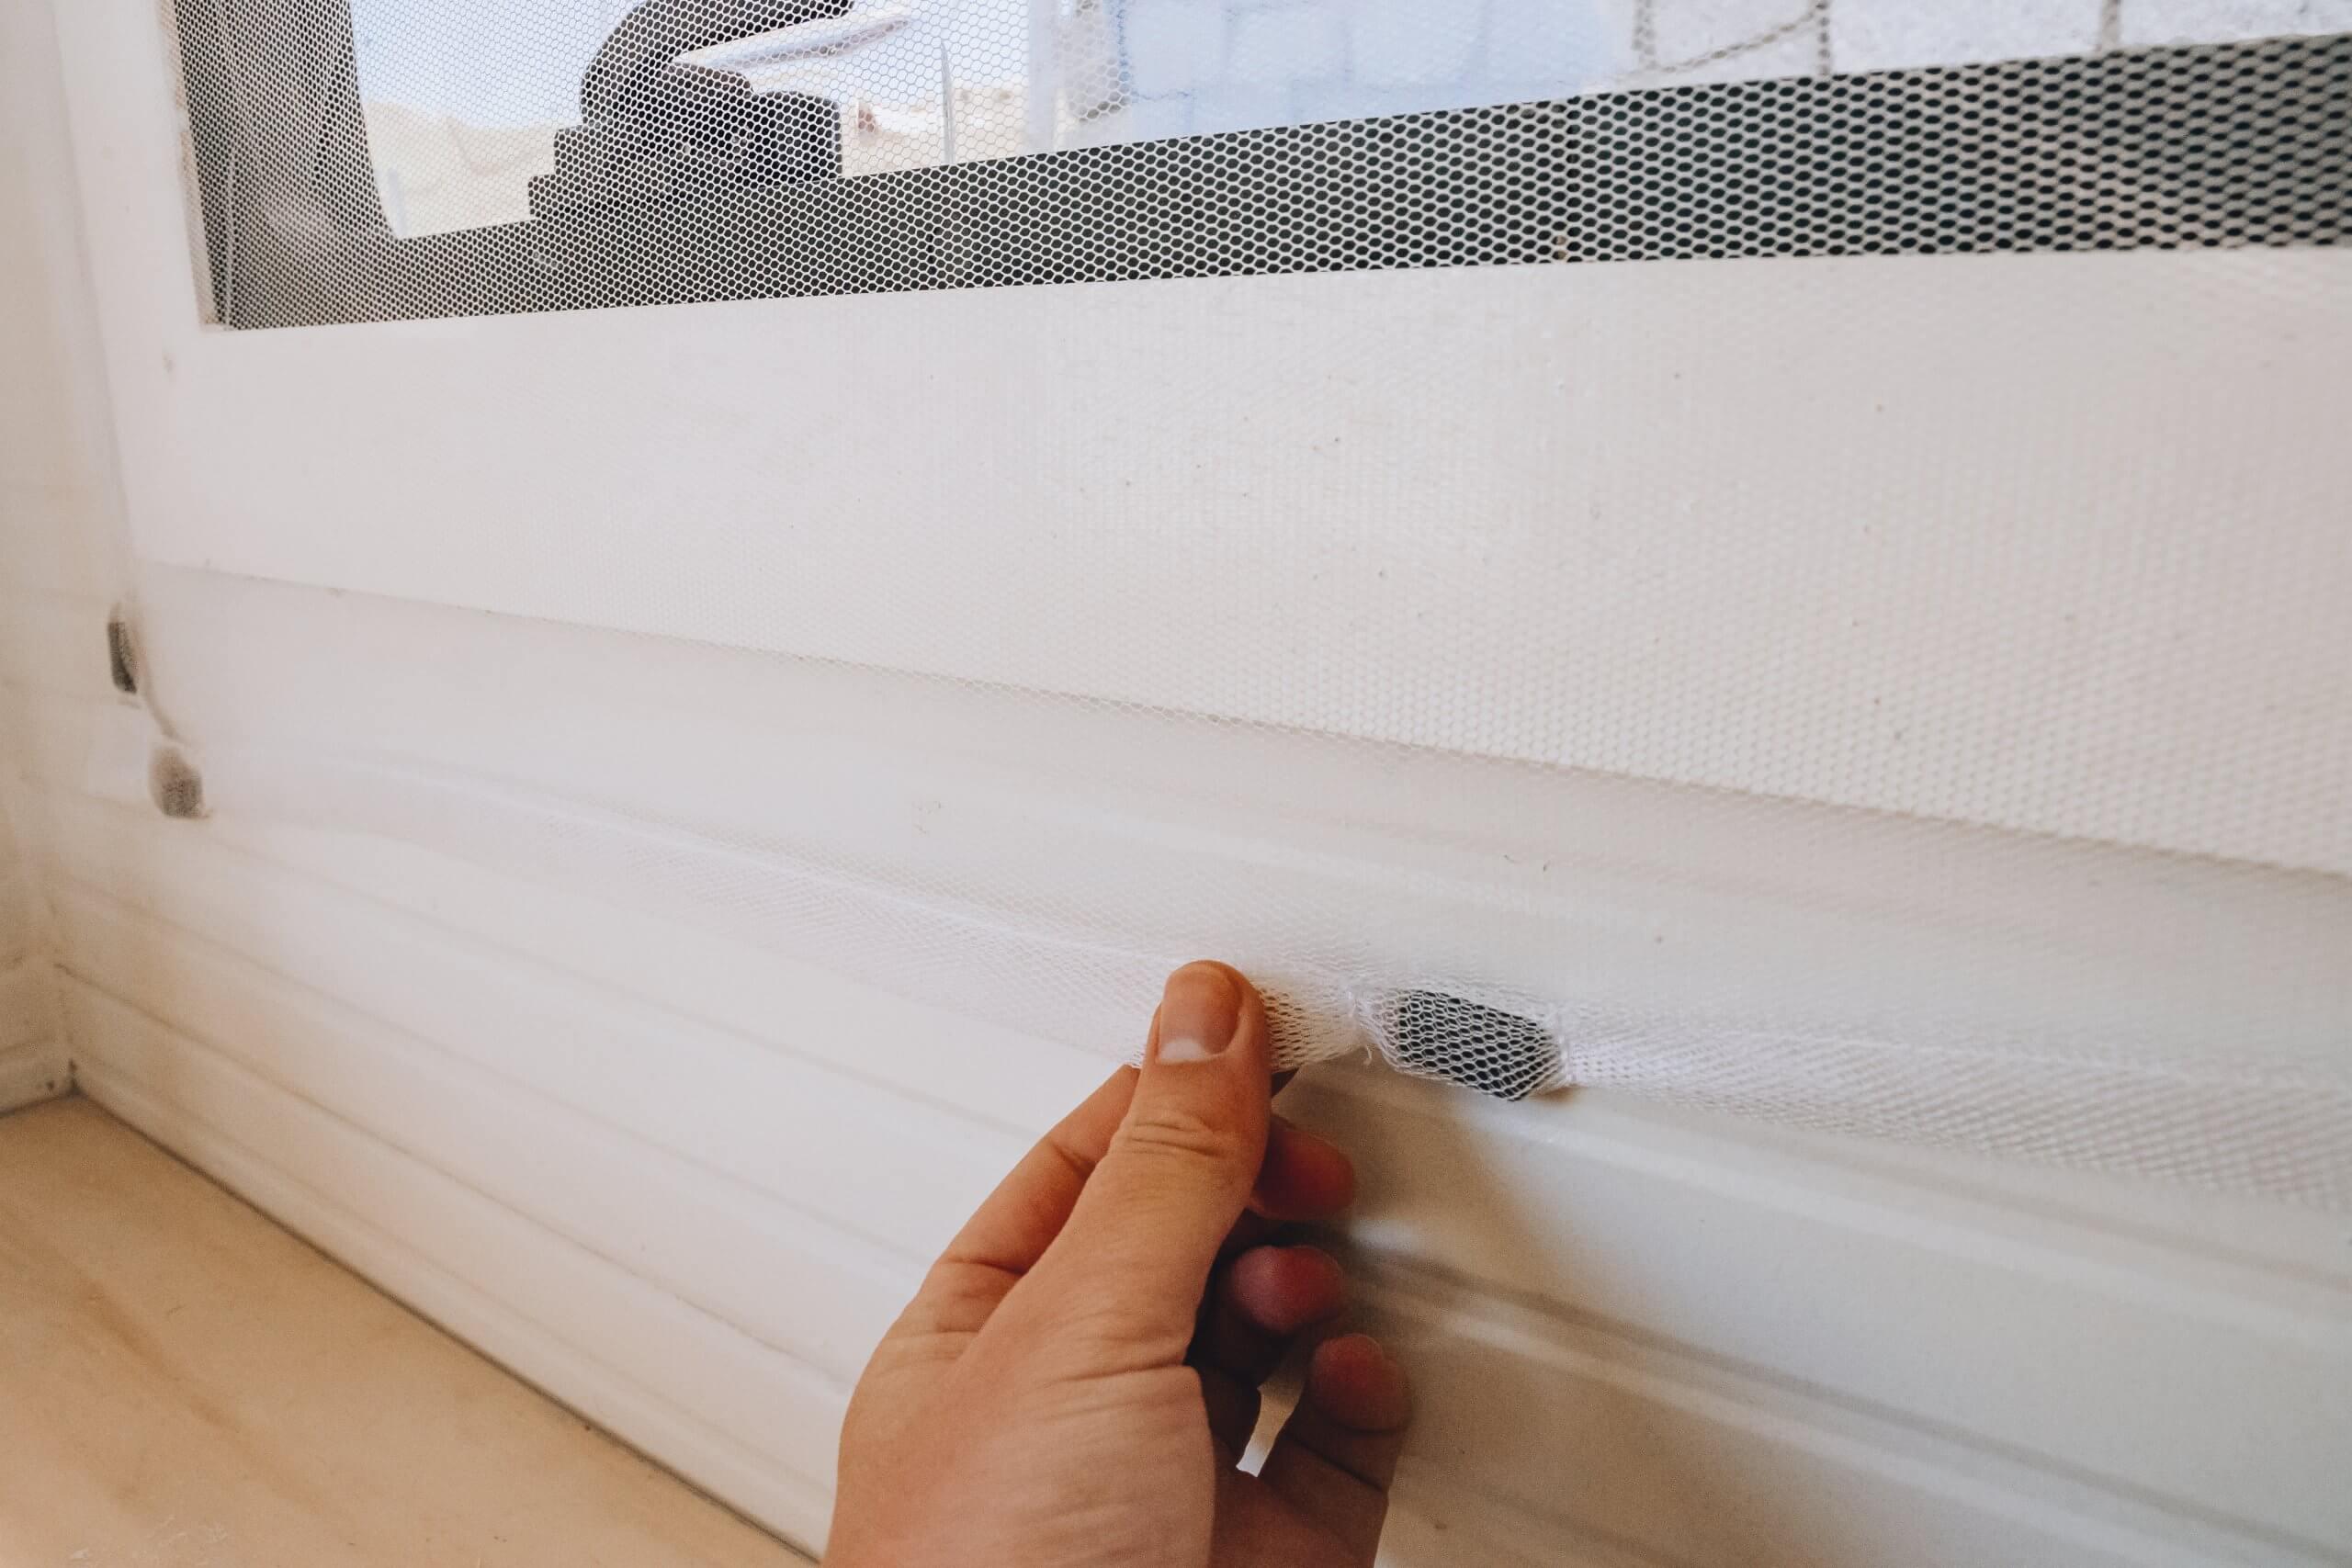 selbstgemachte Moskitonetze mit Magnete